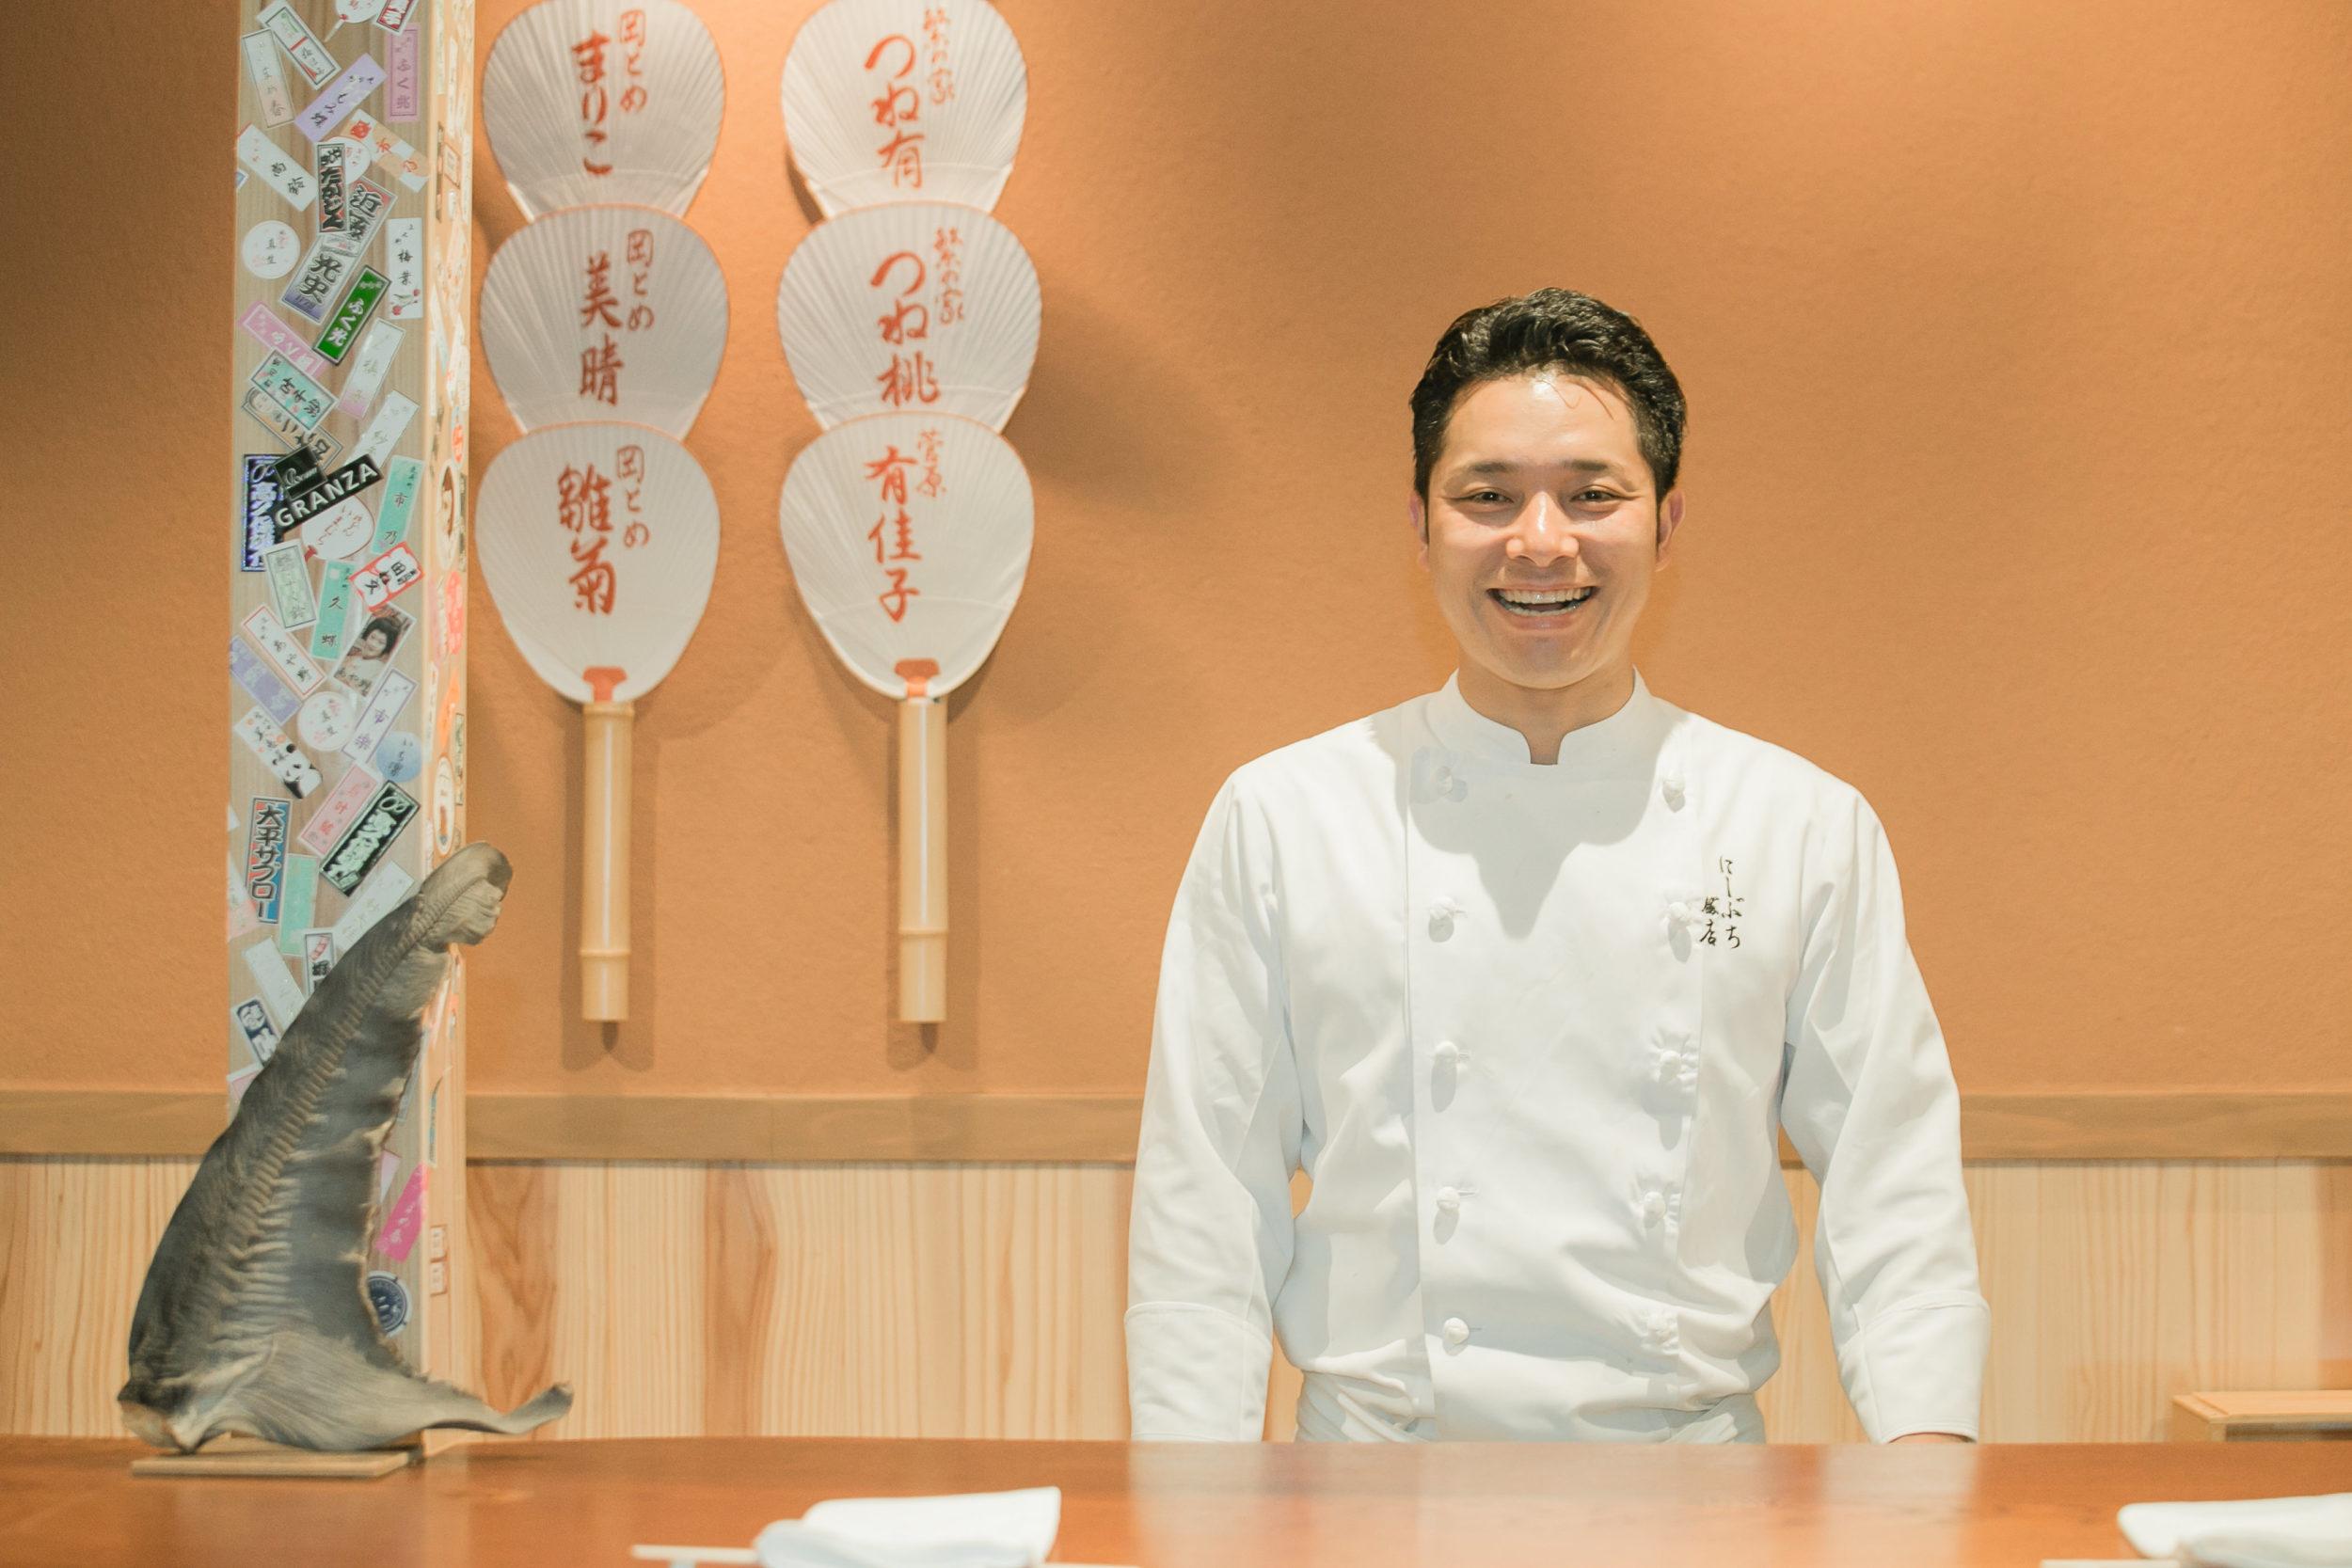 にしぶち飯店 西淵健太郎